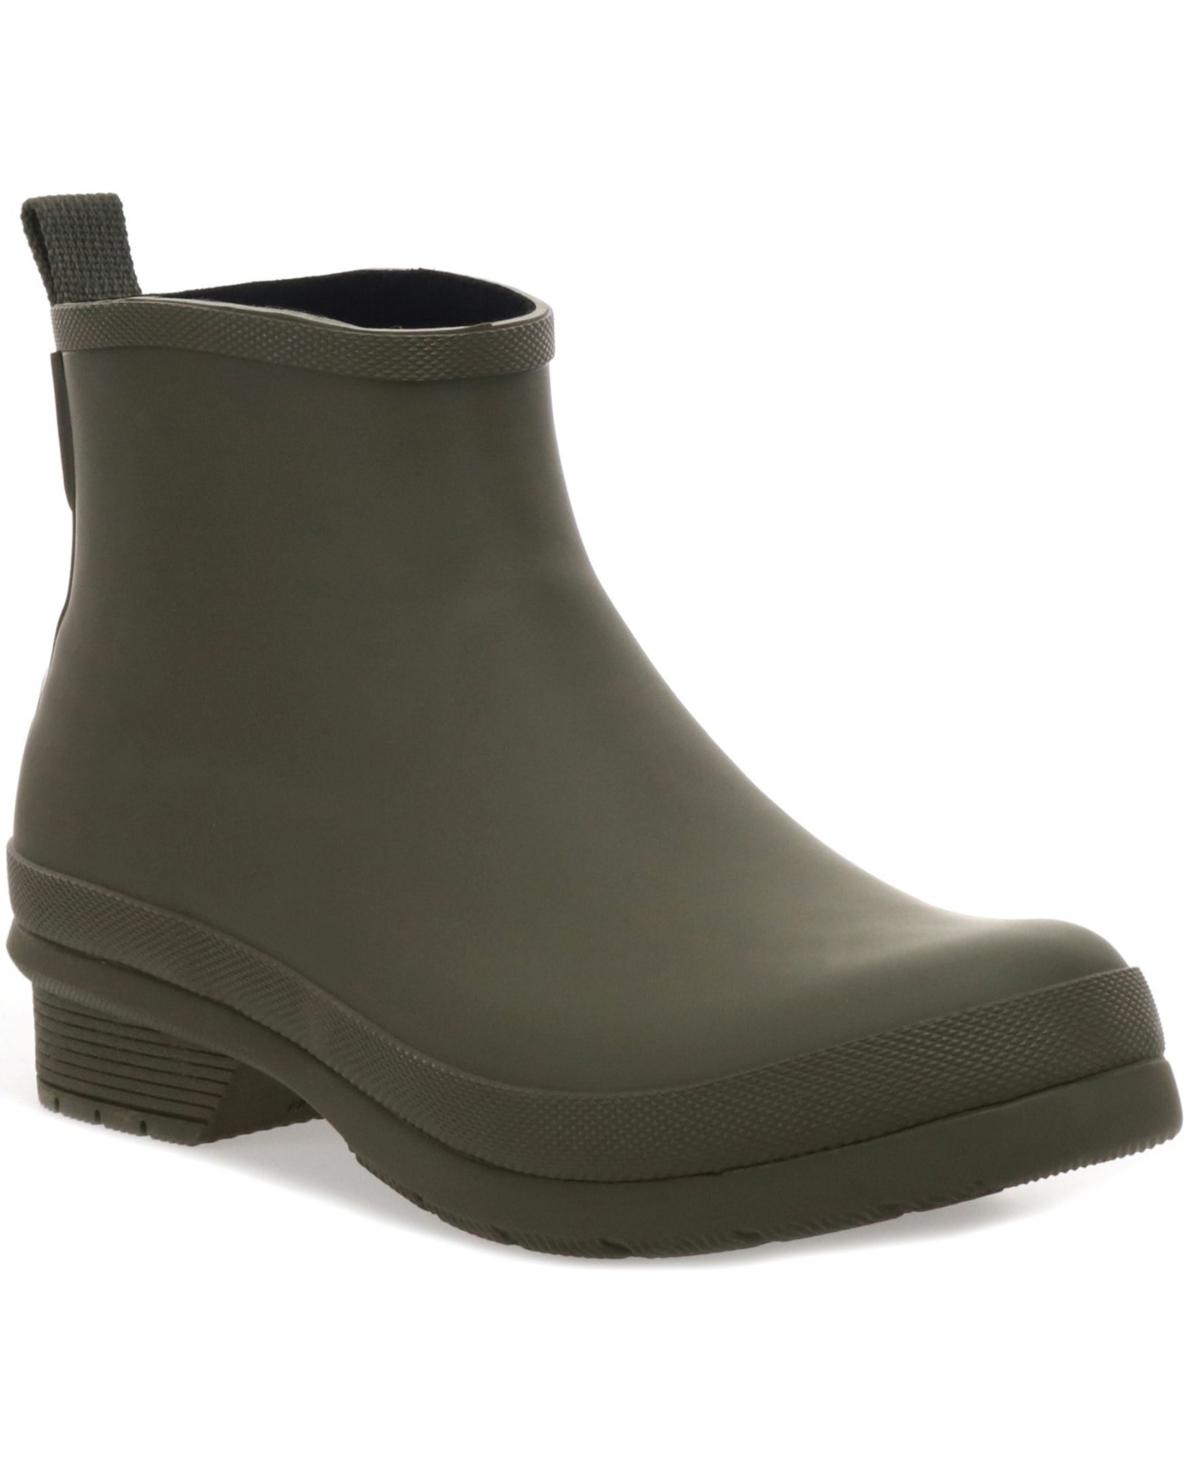 Women's Chelsea Waterproof Booties Women's Shoes